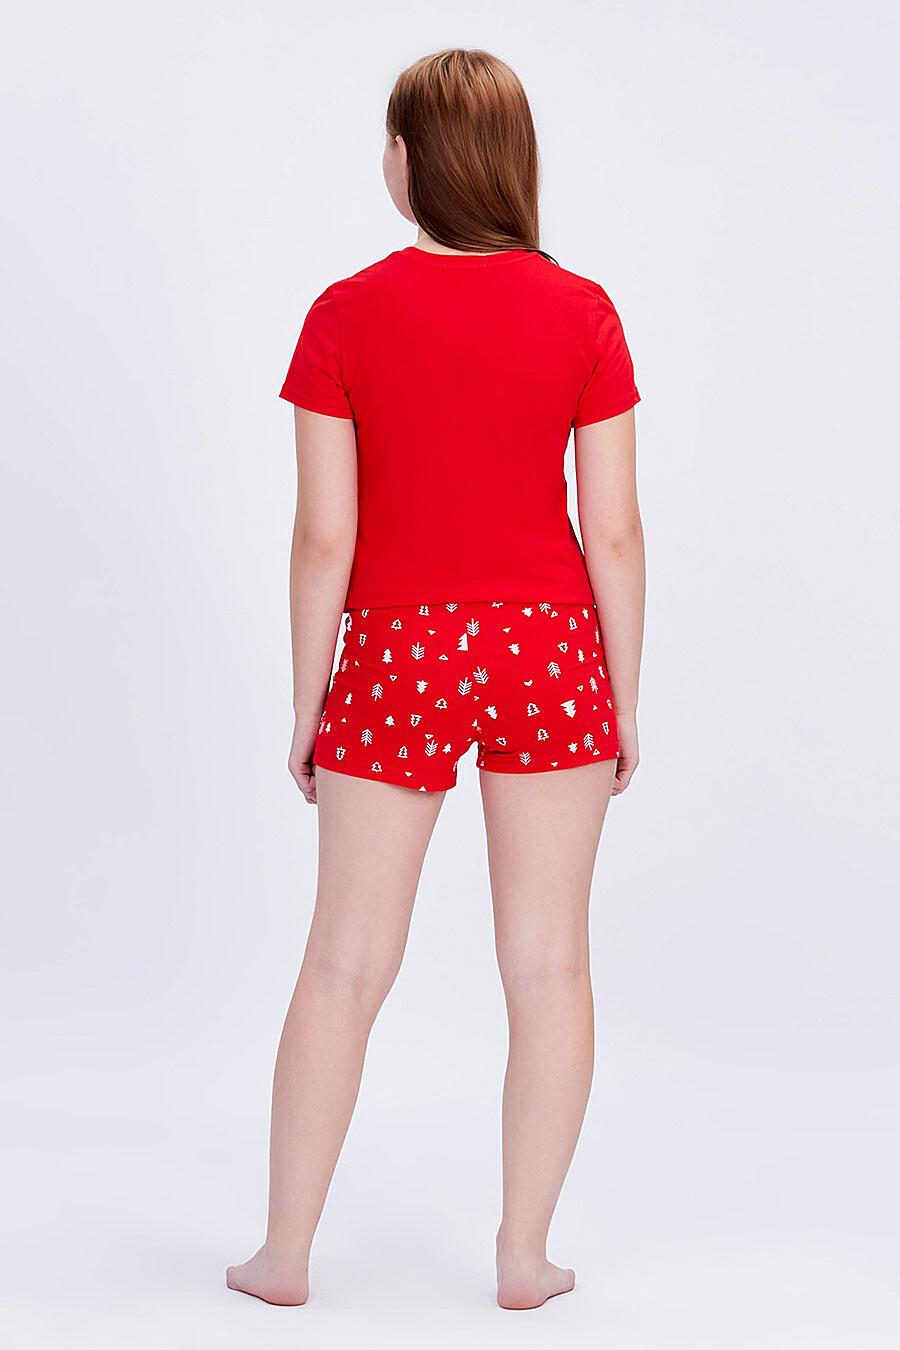 Комплект (Футболка+Шорты) для девочек ROXY FOXY 707355 купить оптом от производителя. Совместная покупка детской одежды в OptMoyo